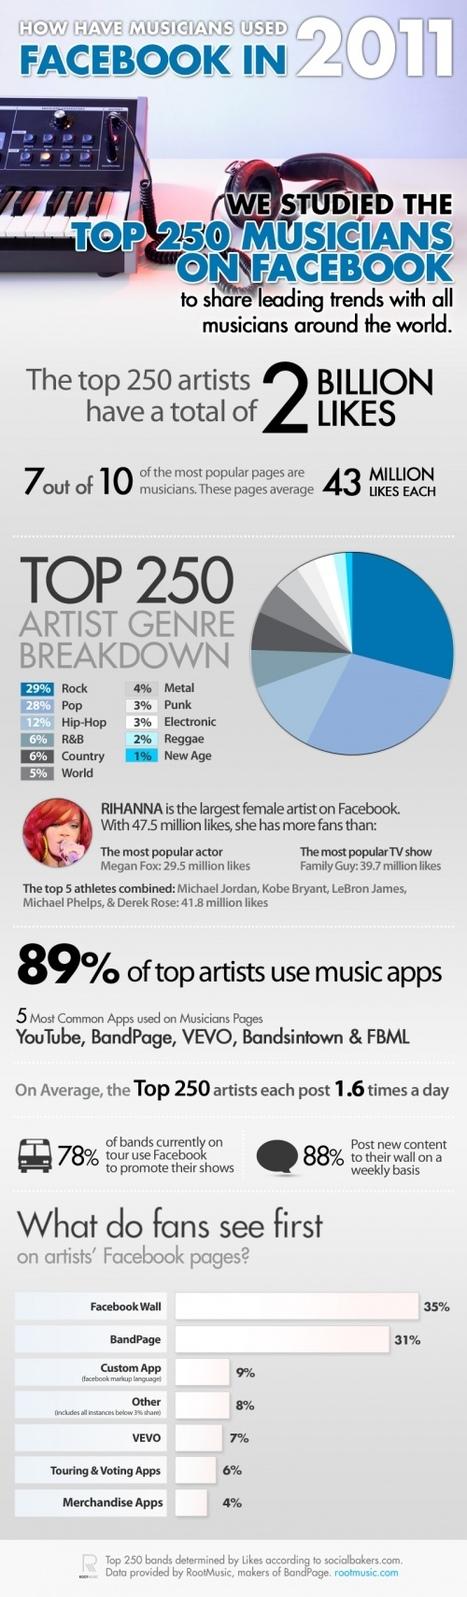 How Musicians Use Facebook [INFOGRAPHIC] - hypebot   L'actualité de la filière Musique   Scoop.it